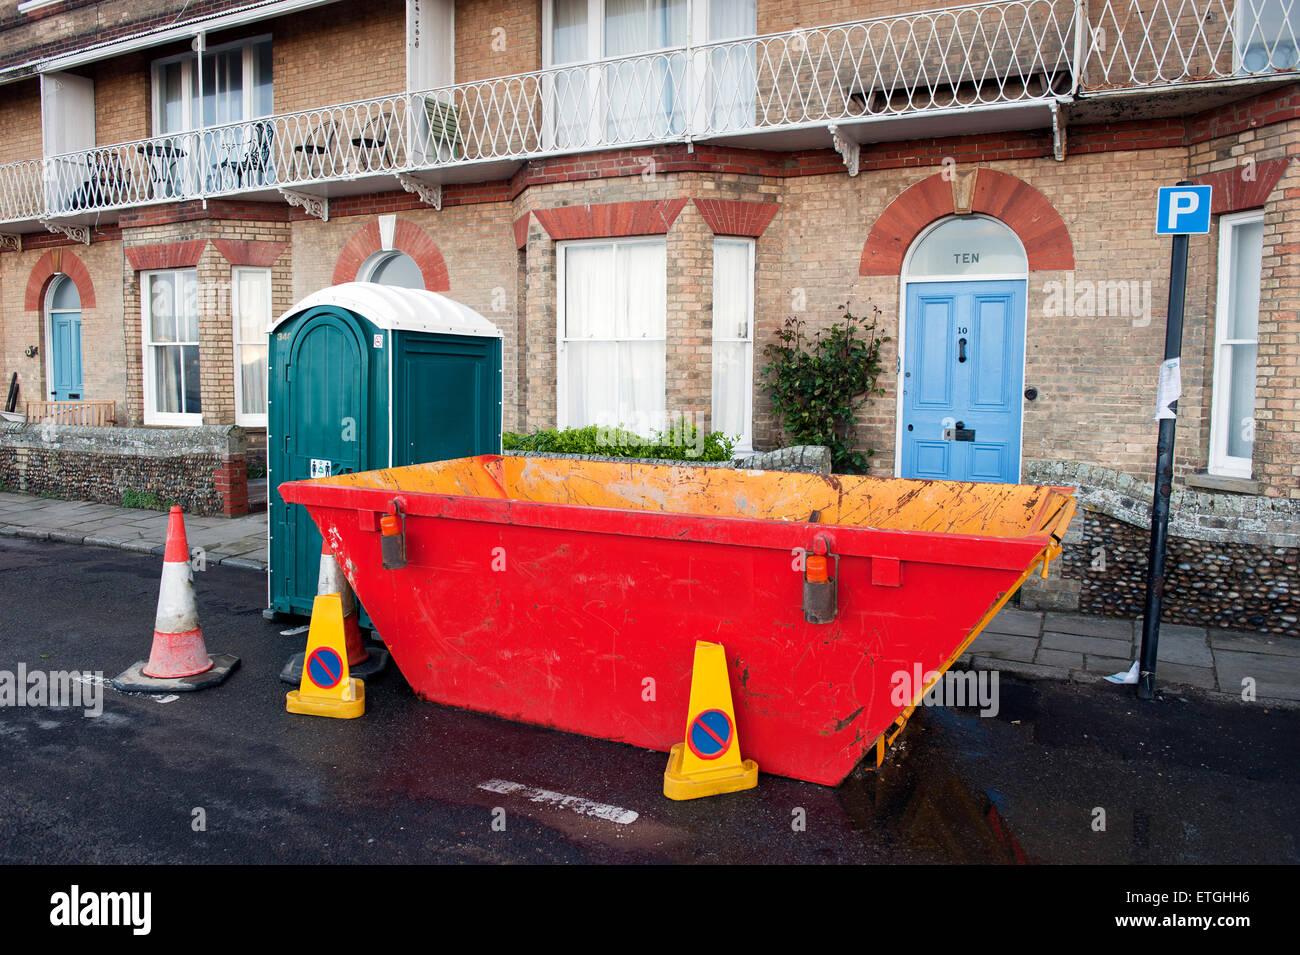 Rechazar skip y wc portátil en frente de una casa en la necesidad de renovación, de East Anglia Inglaterra Imagen De Stock